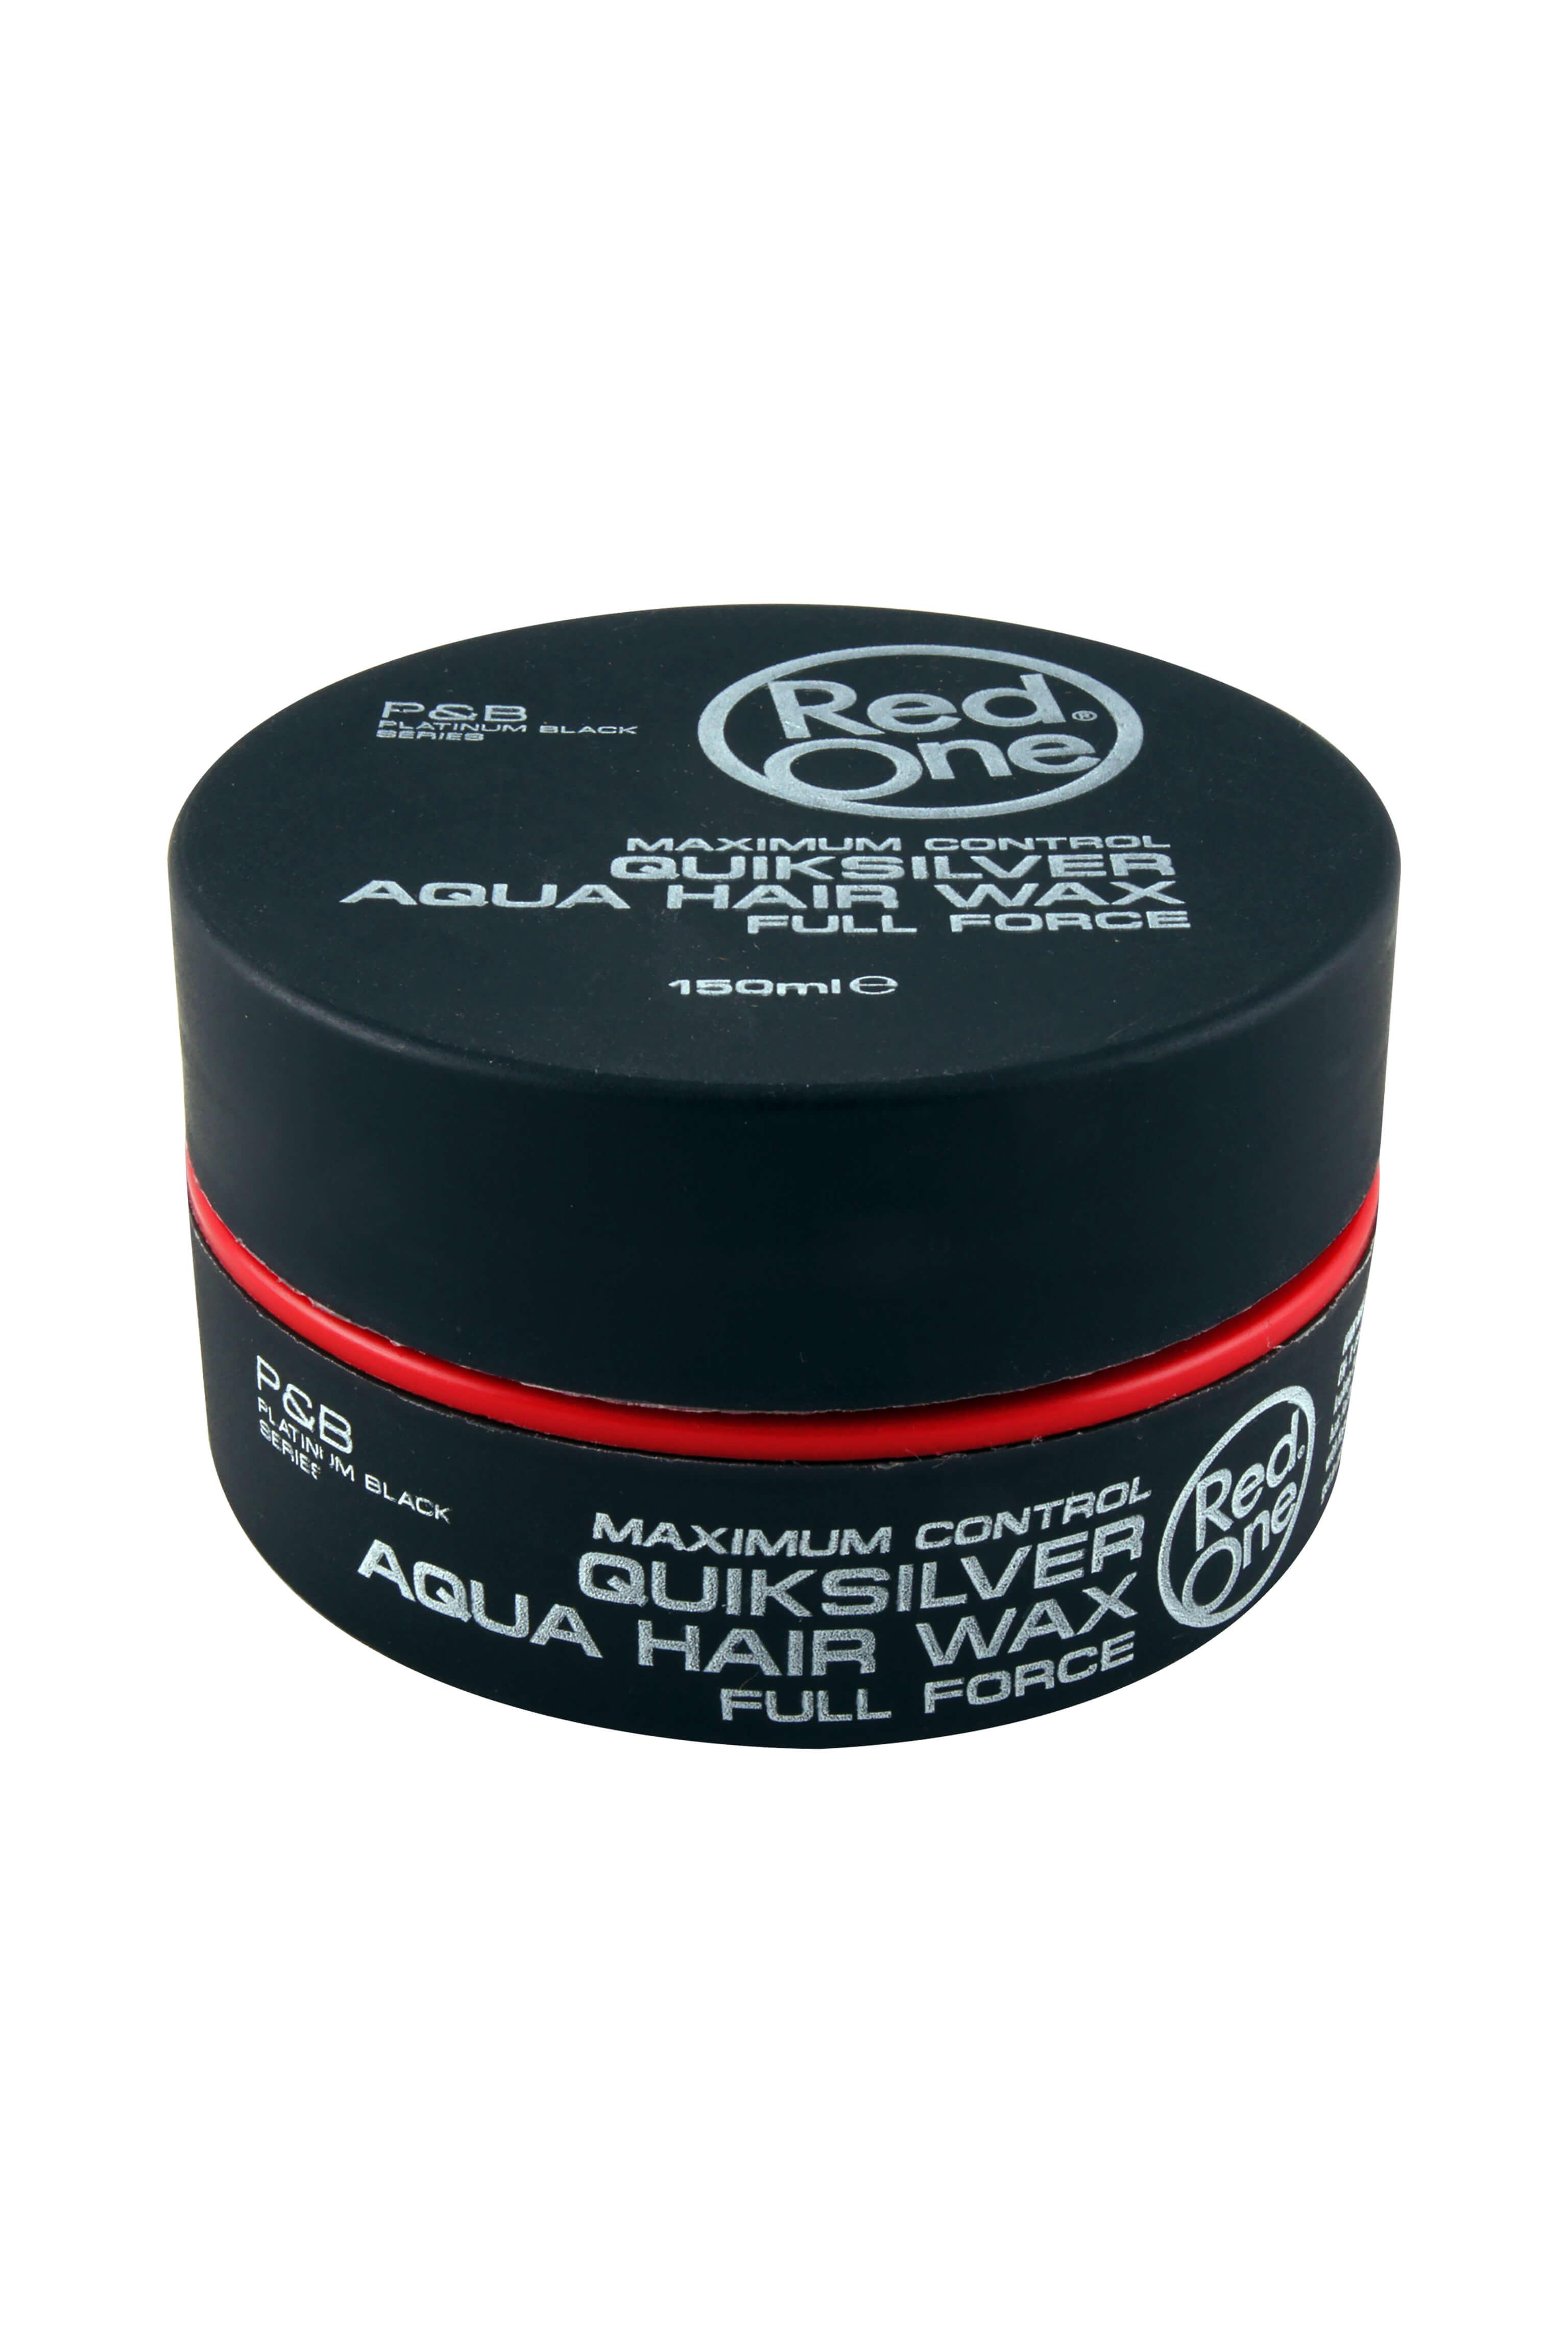 Red One Quiksilver Aqua Hair Gel Wax, 150 ml